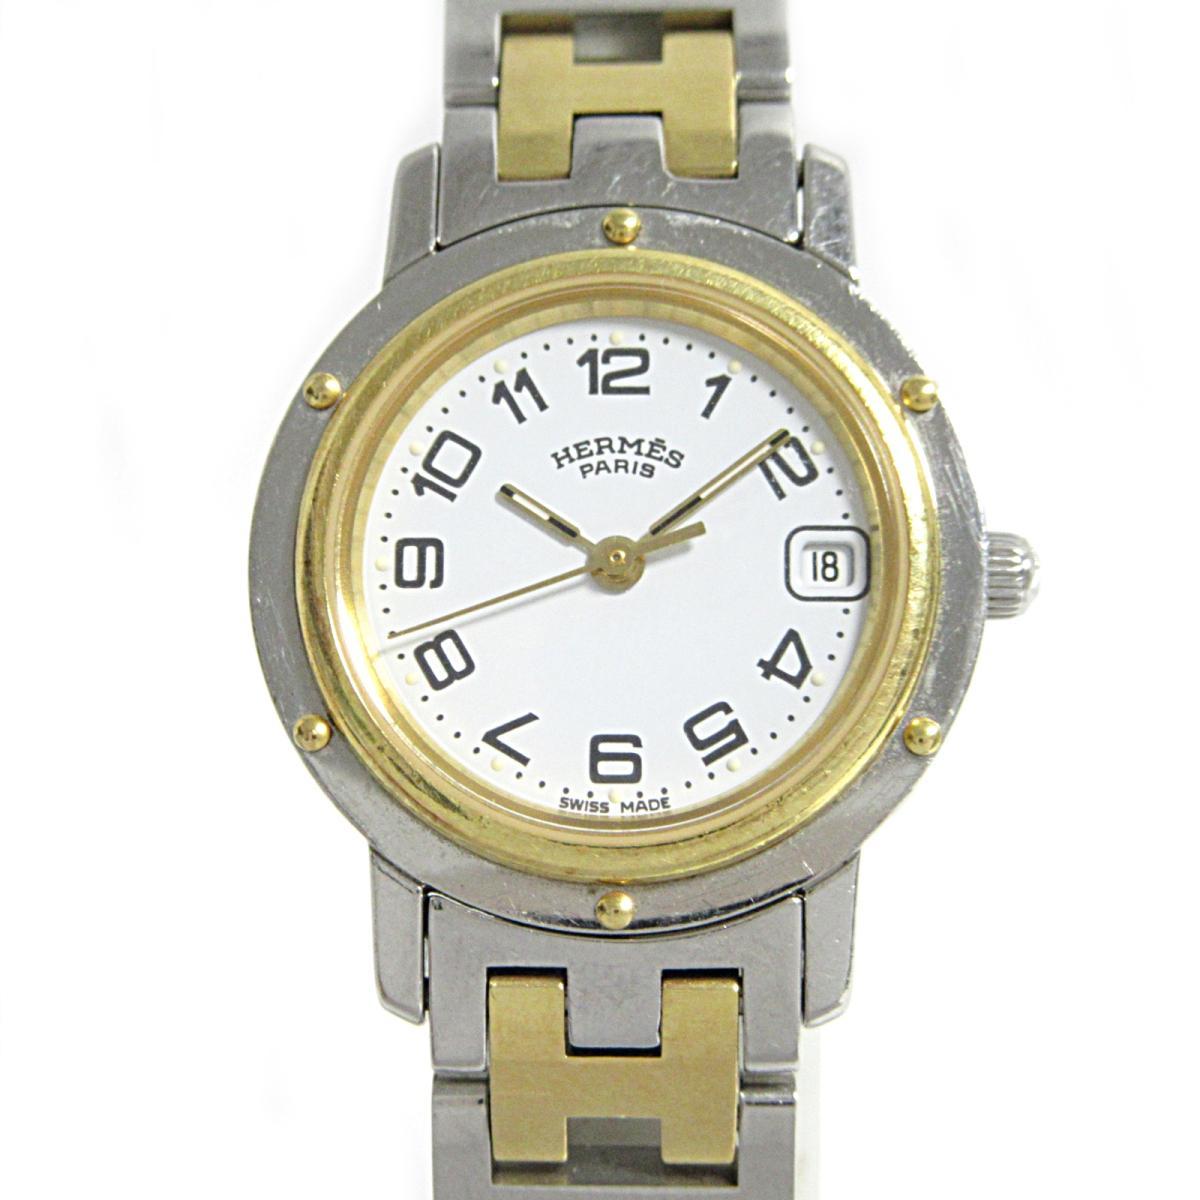 ≪期間限定≫メルマガ登録でクーポンGET! 【中古】 エルメス クリッパー 腕時計 ウォッチ レディース ステンレススチール (SS) GP (CL4.220)   HERMES BRANDOFF ブランドオフ ブランド ブランド時計 ブランド腕時計 時計